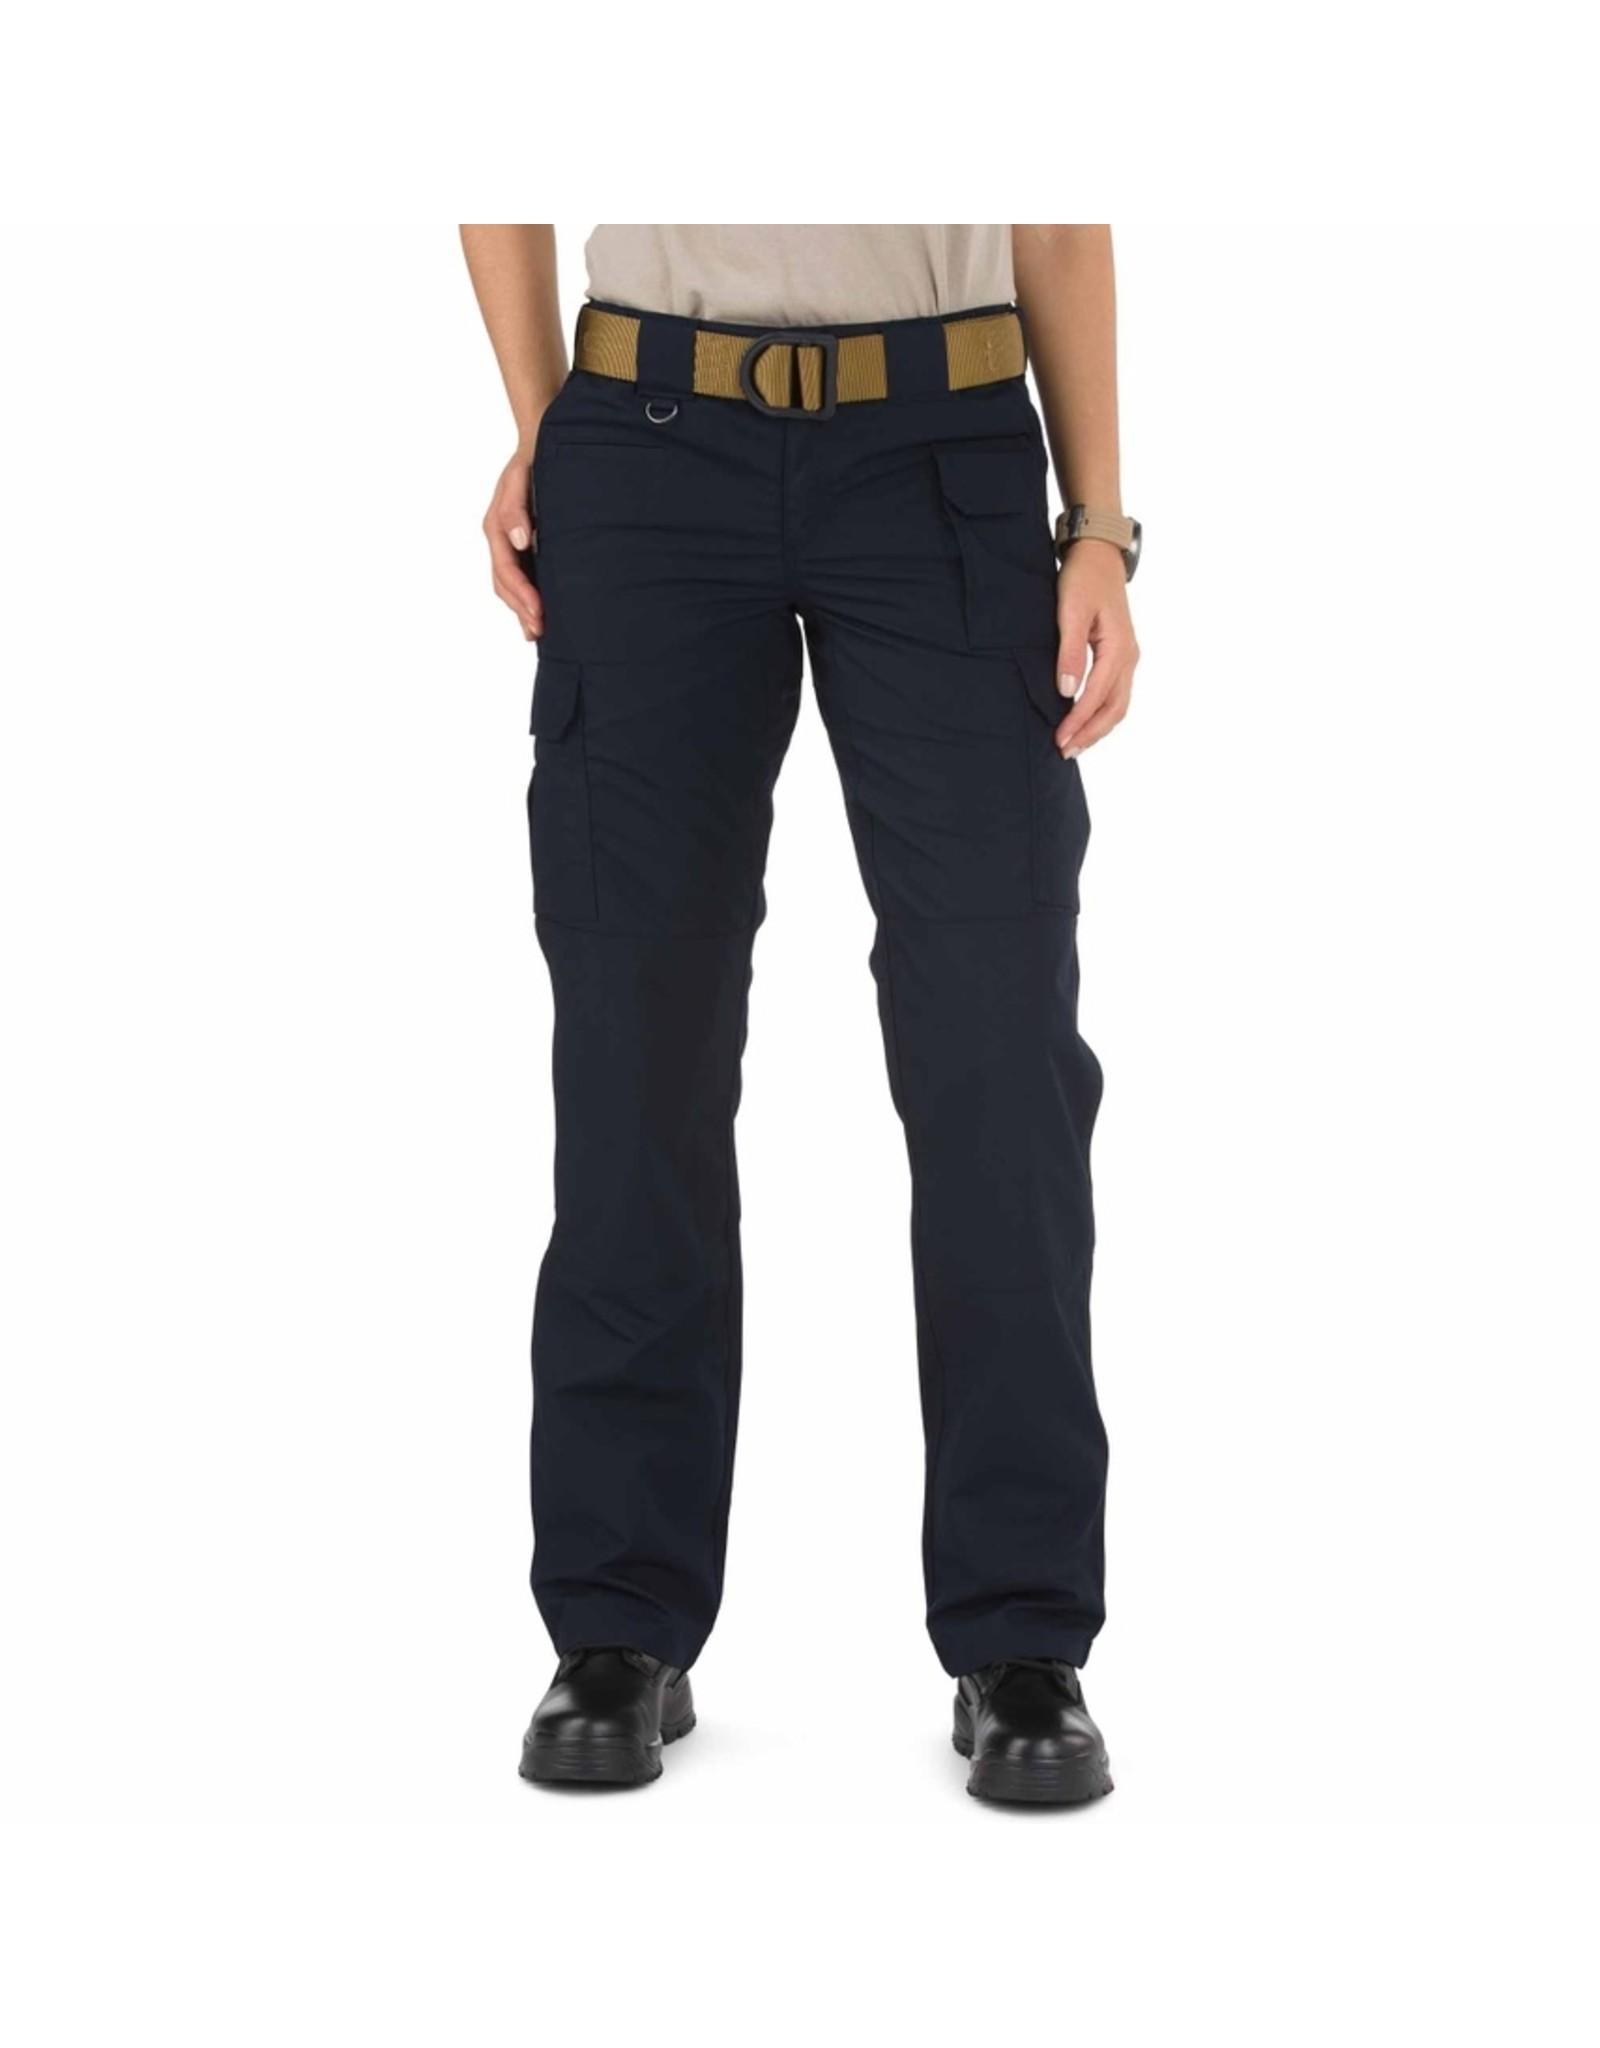 5.11 Tac Lite Pro Pants 6-L